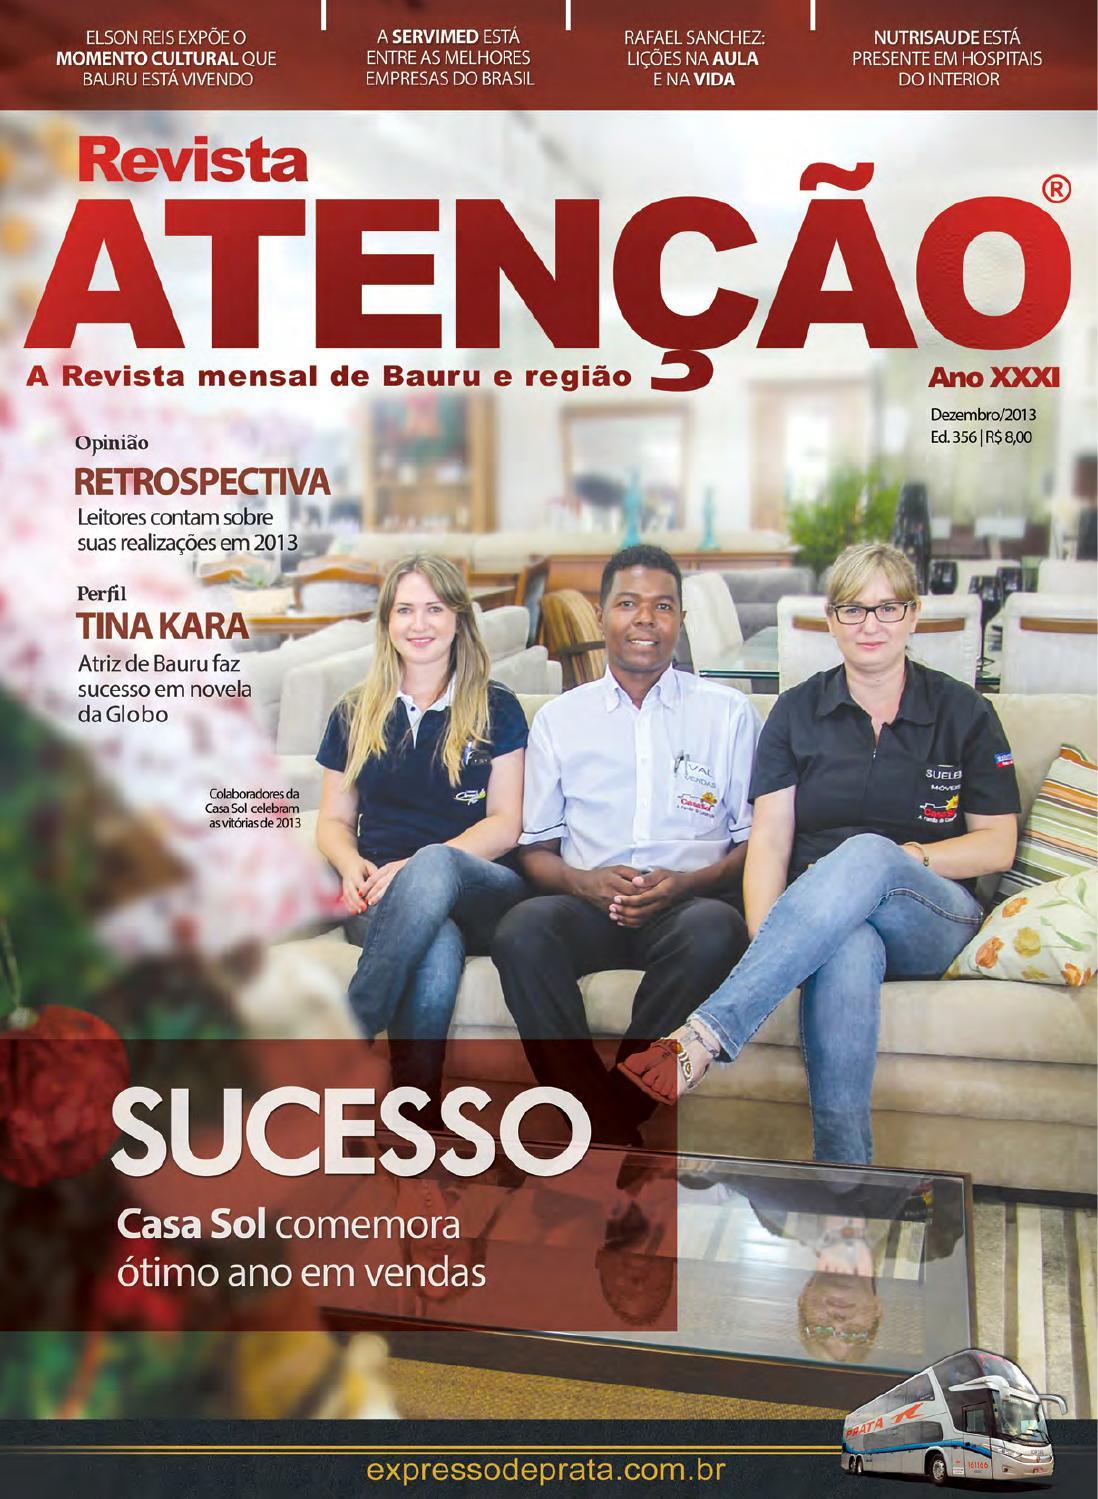 Edição de Dezembro by REVISTA ATENÇÃO - issuu 3b5232d4af